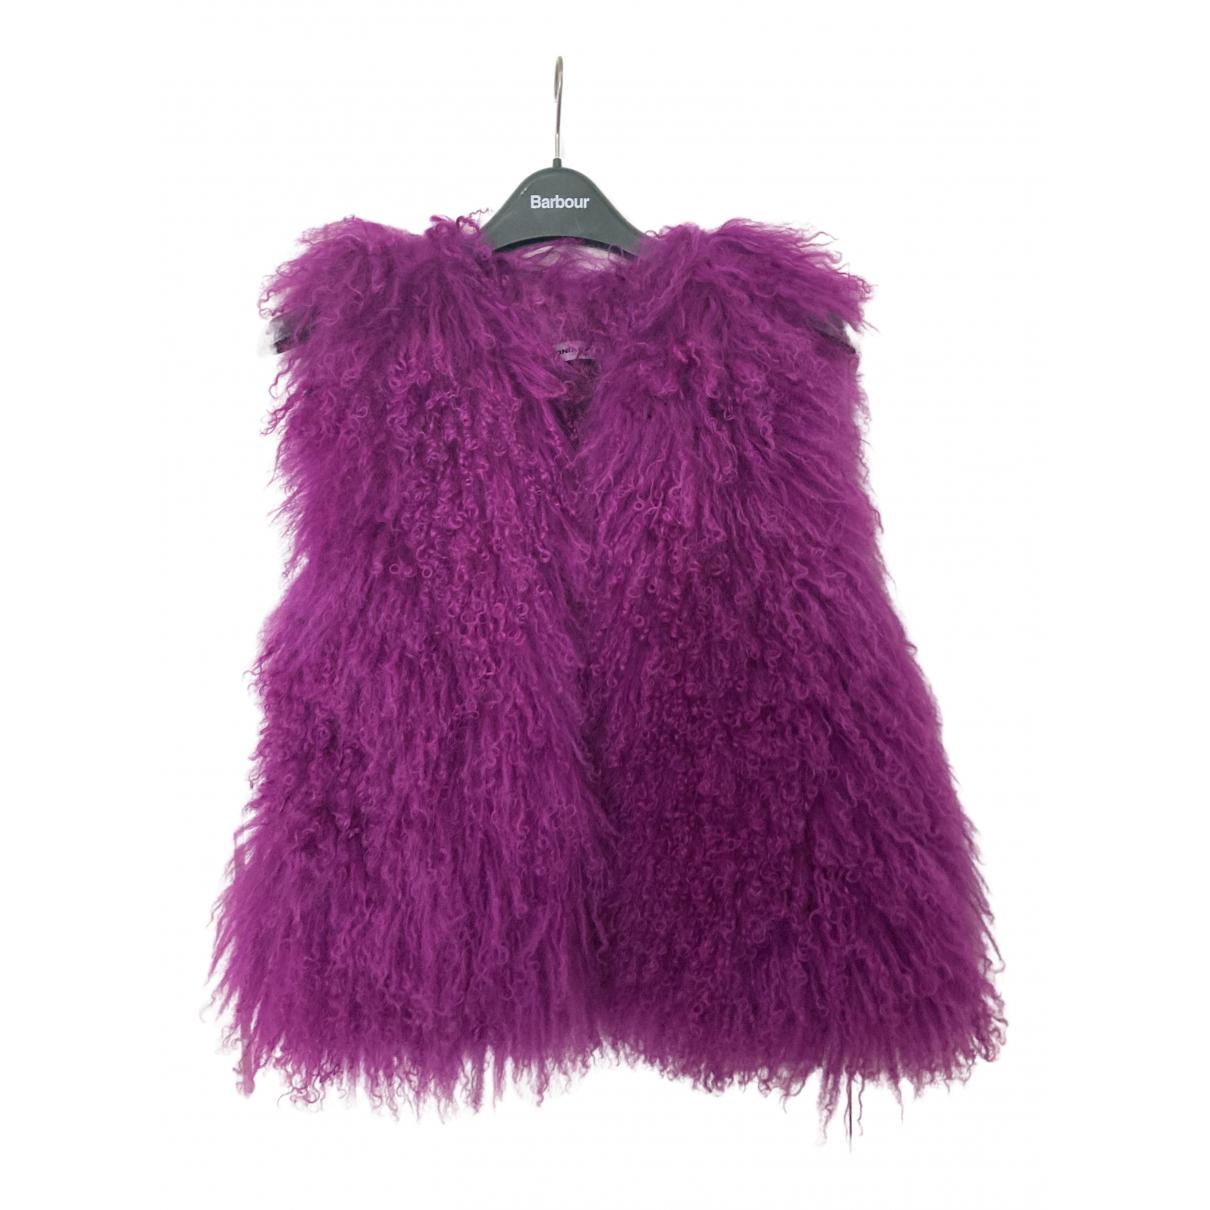 Sonia Rykiel - Veste   pour femme en agneau de mongolie - violet